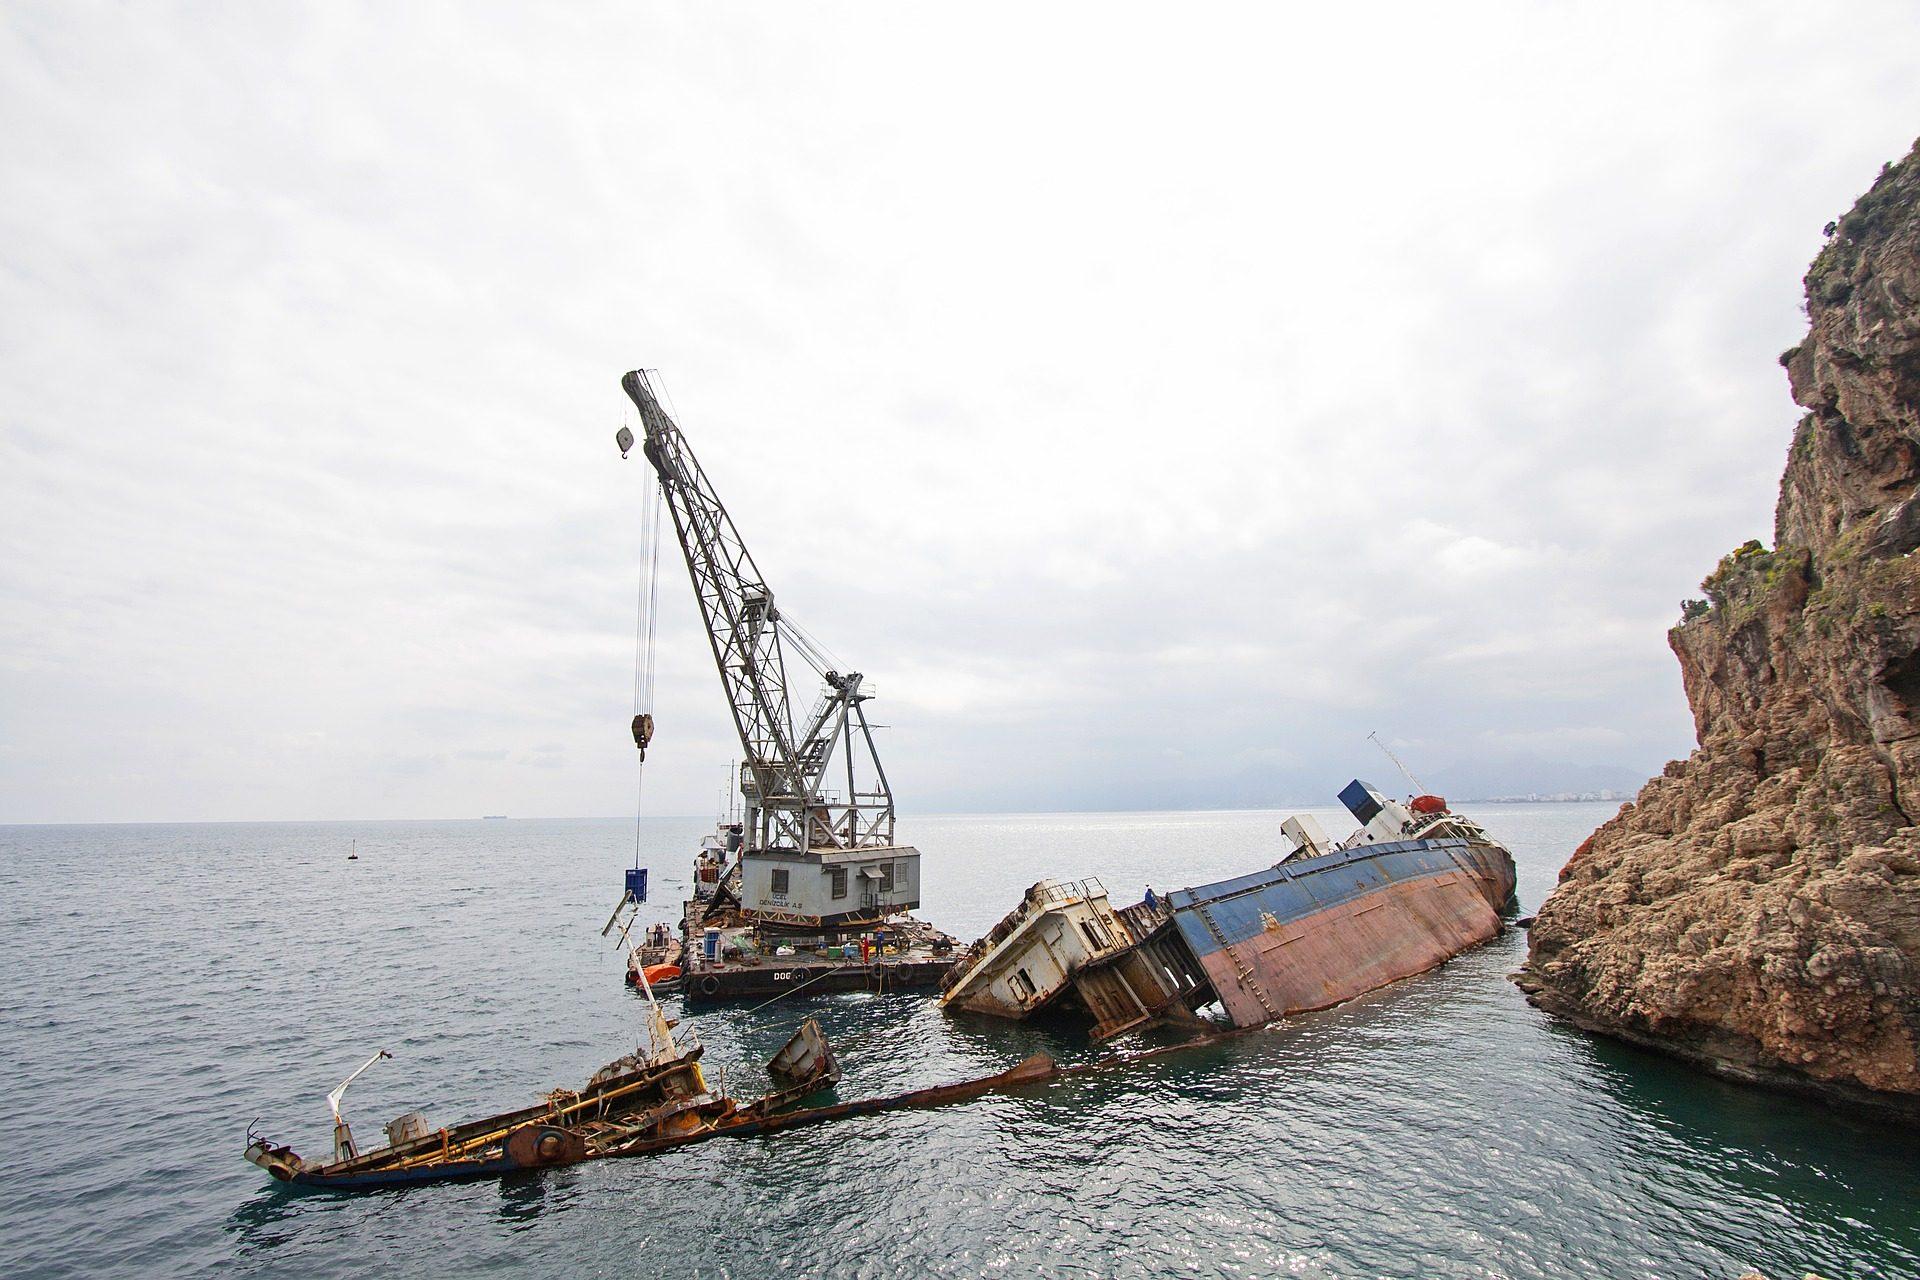 小船, 船舶, 事故, 下沉, 起重机, 灾难 - 高清壁纸 - 教授-falken.com